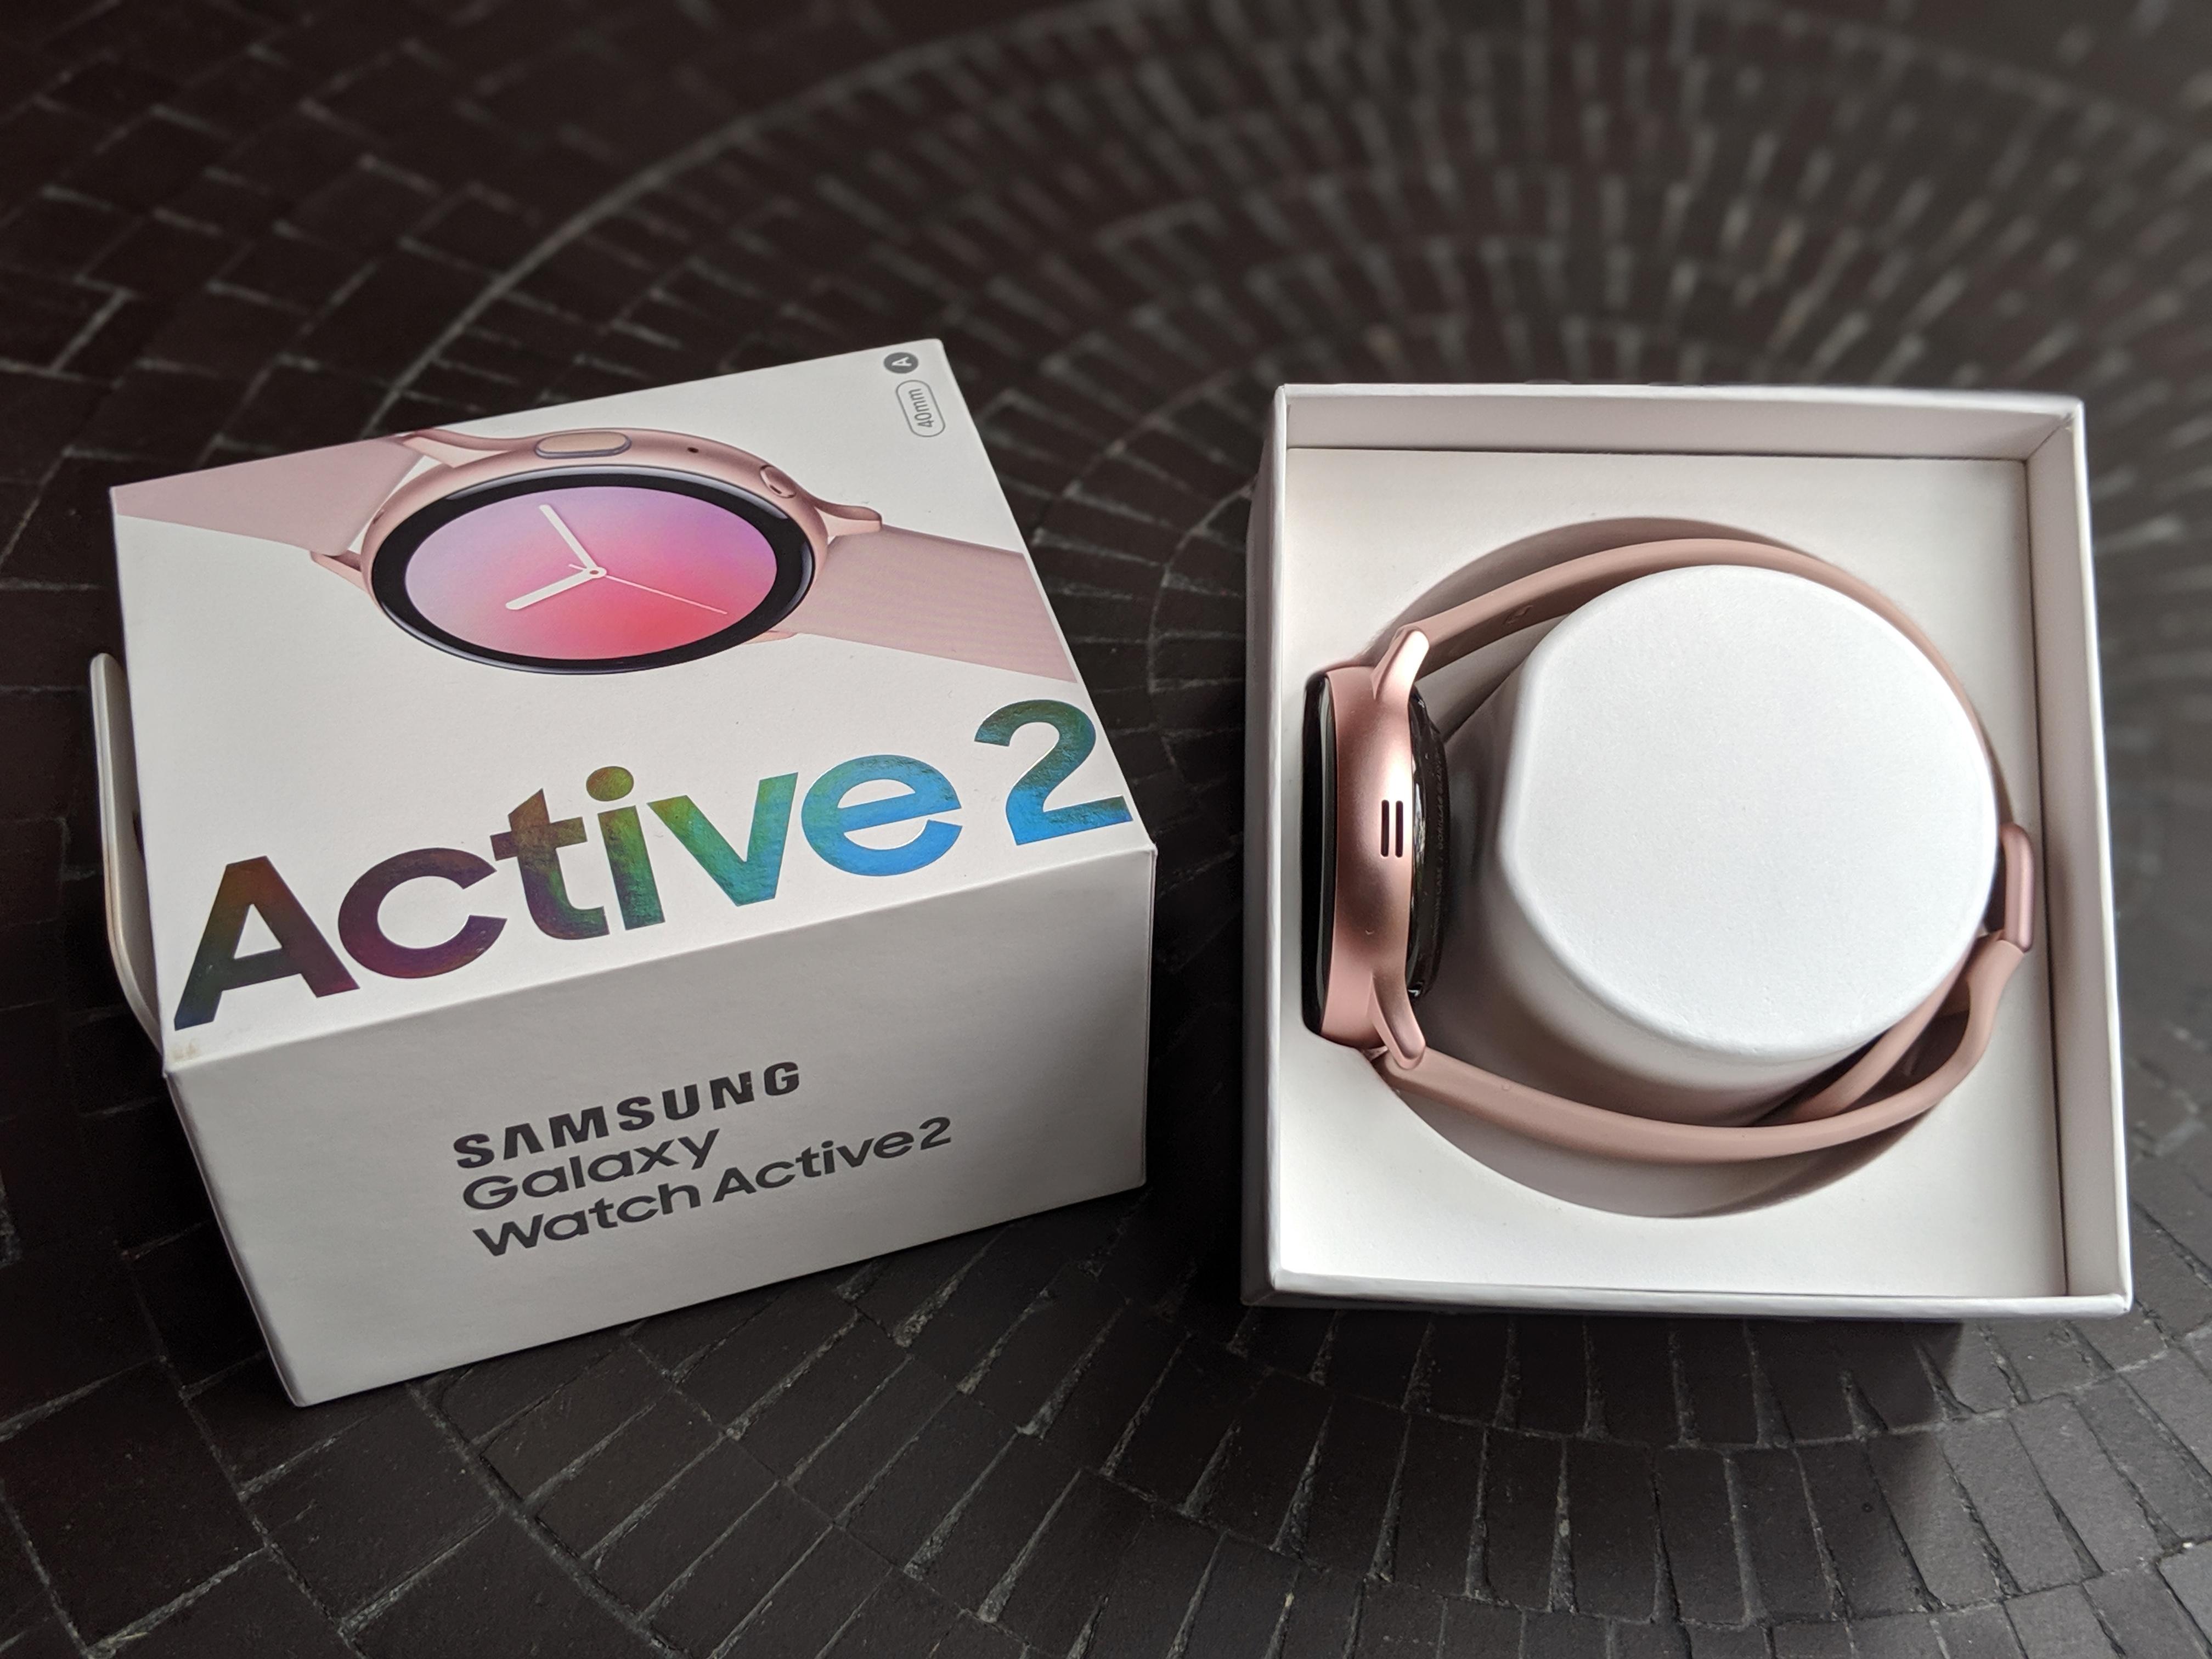 Samsung galaxy watch active 2 test